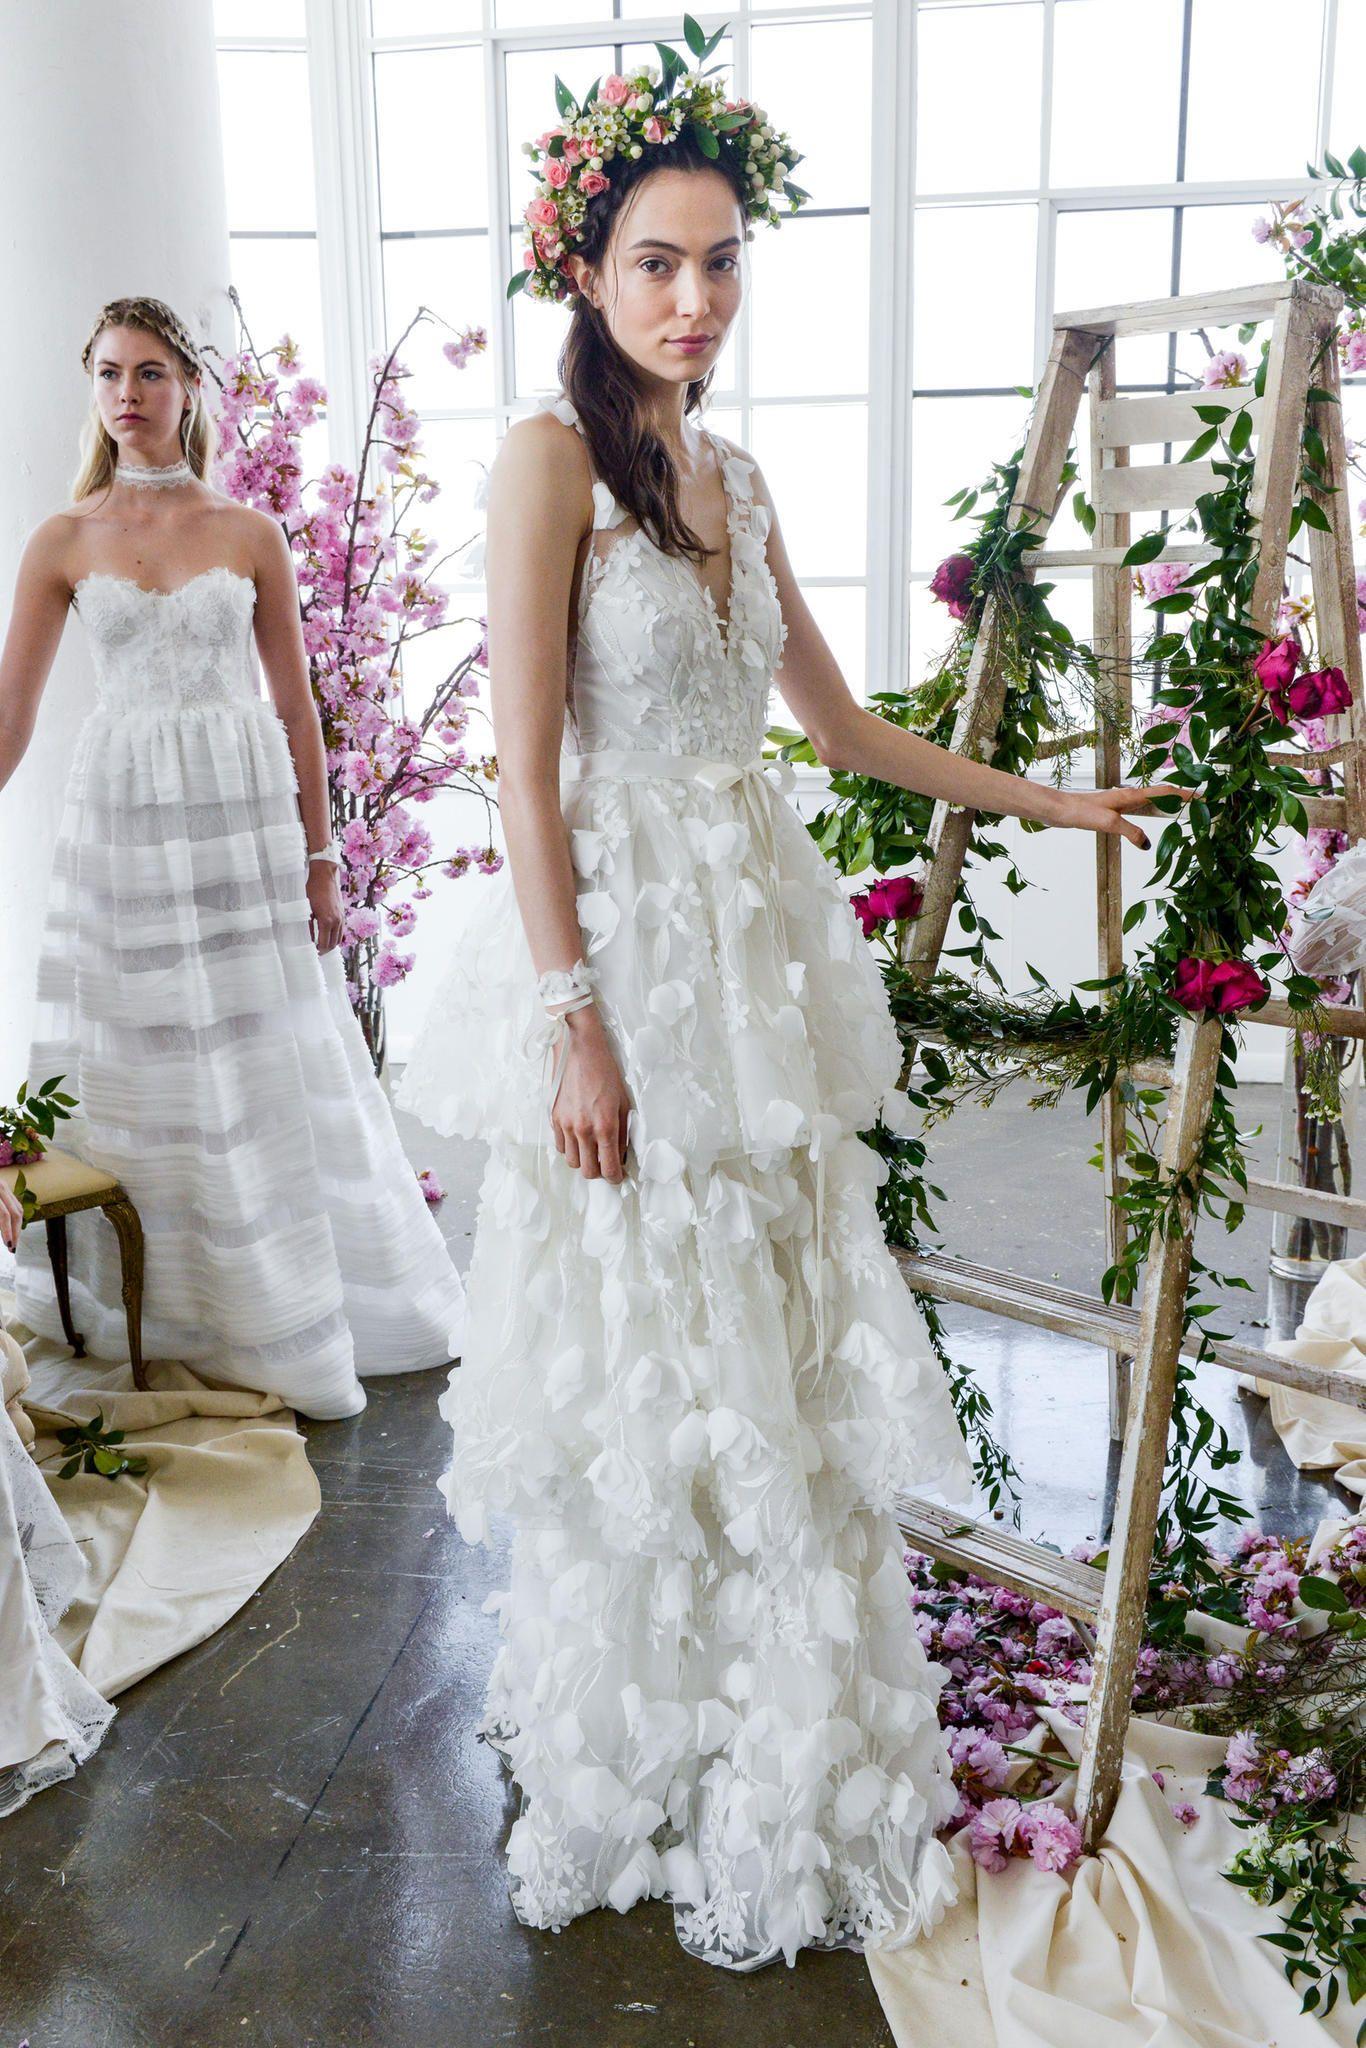 Das sind die schönsten Brautkleider-Trends 2018! Transparente Stoffe, viel  Spitze, 3D-Details und ausladende Volants. 687828825e